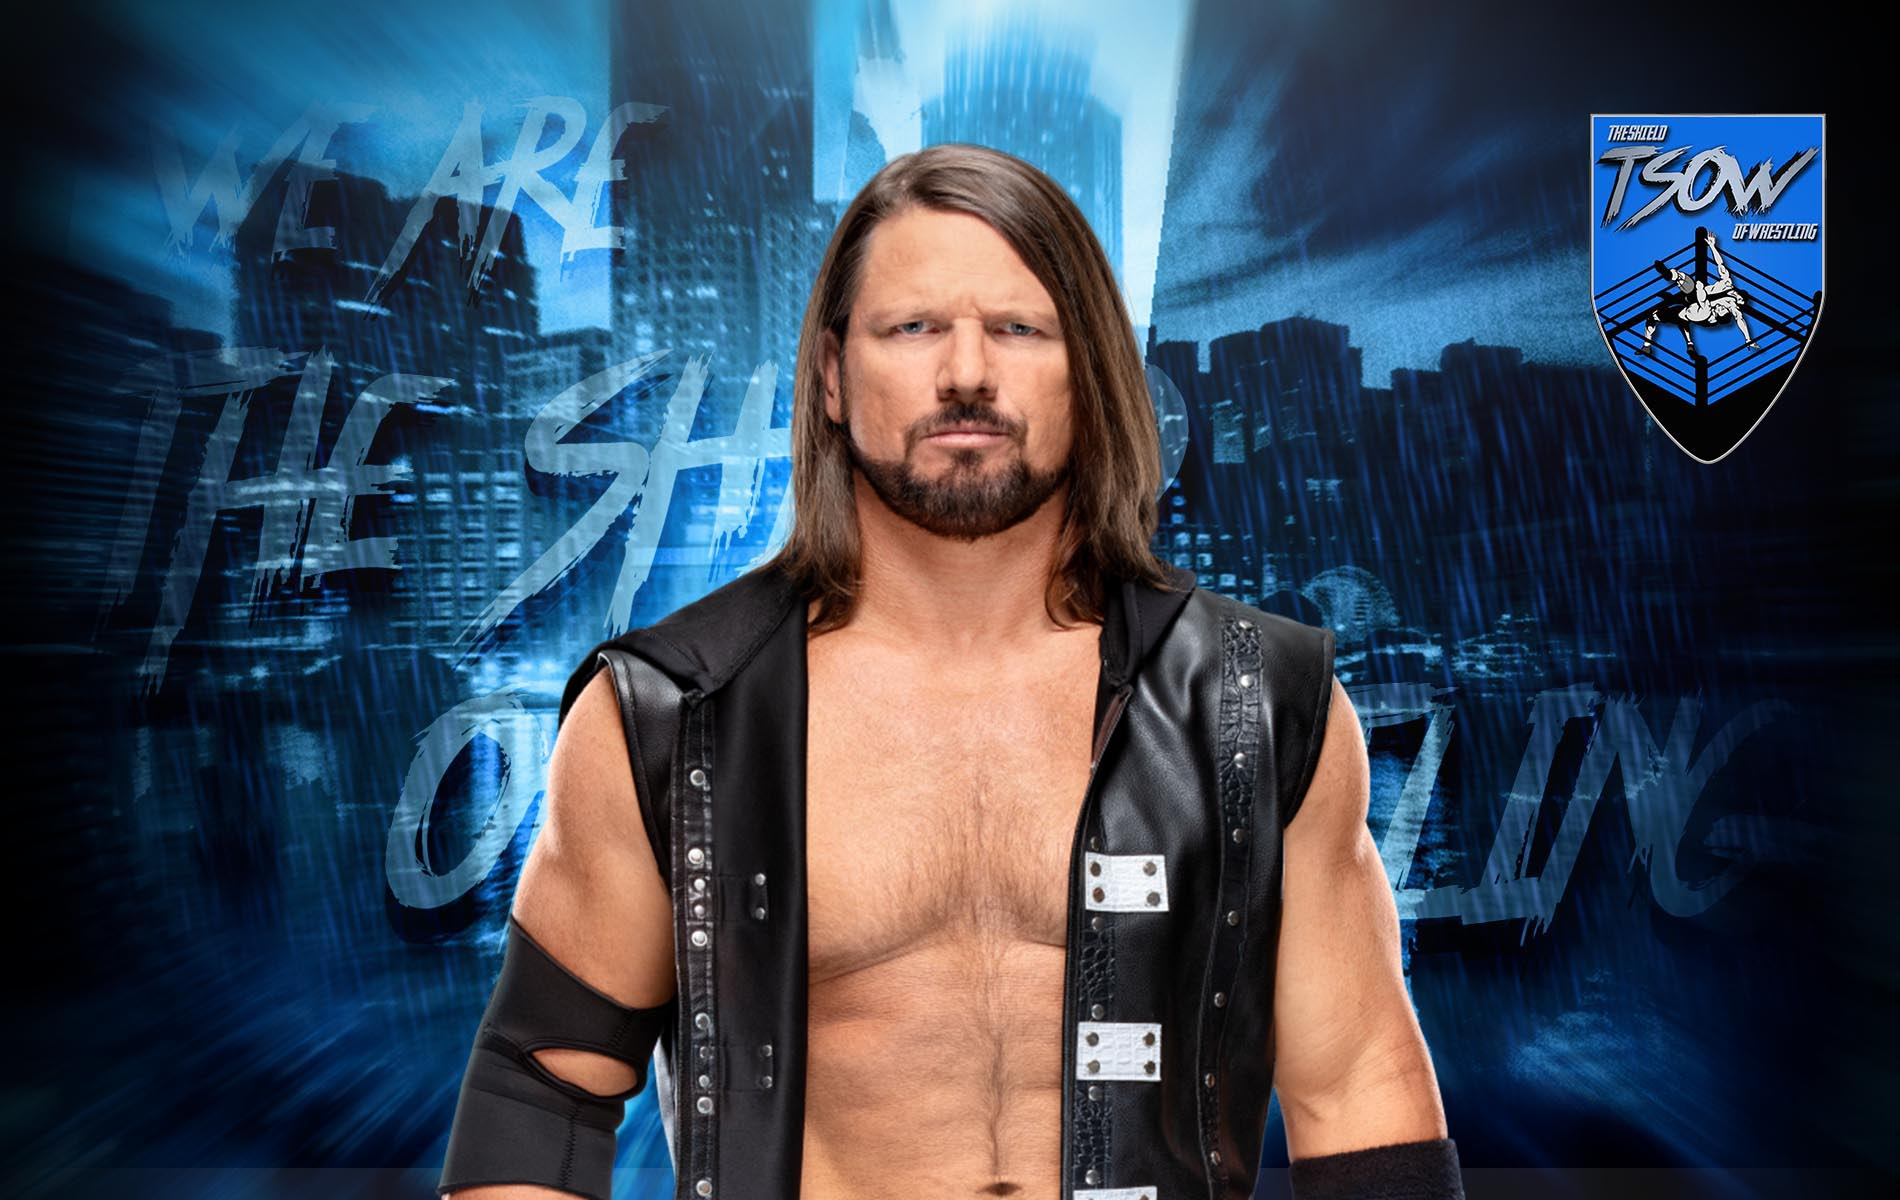 AJ Styles verrà affiancato dalla più alta Superstar della WWE?